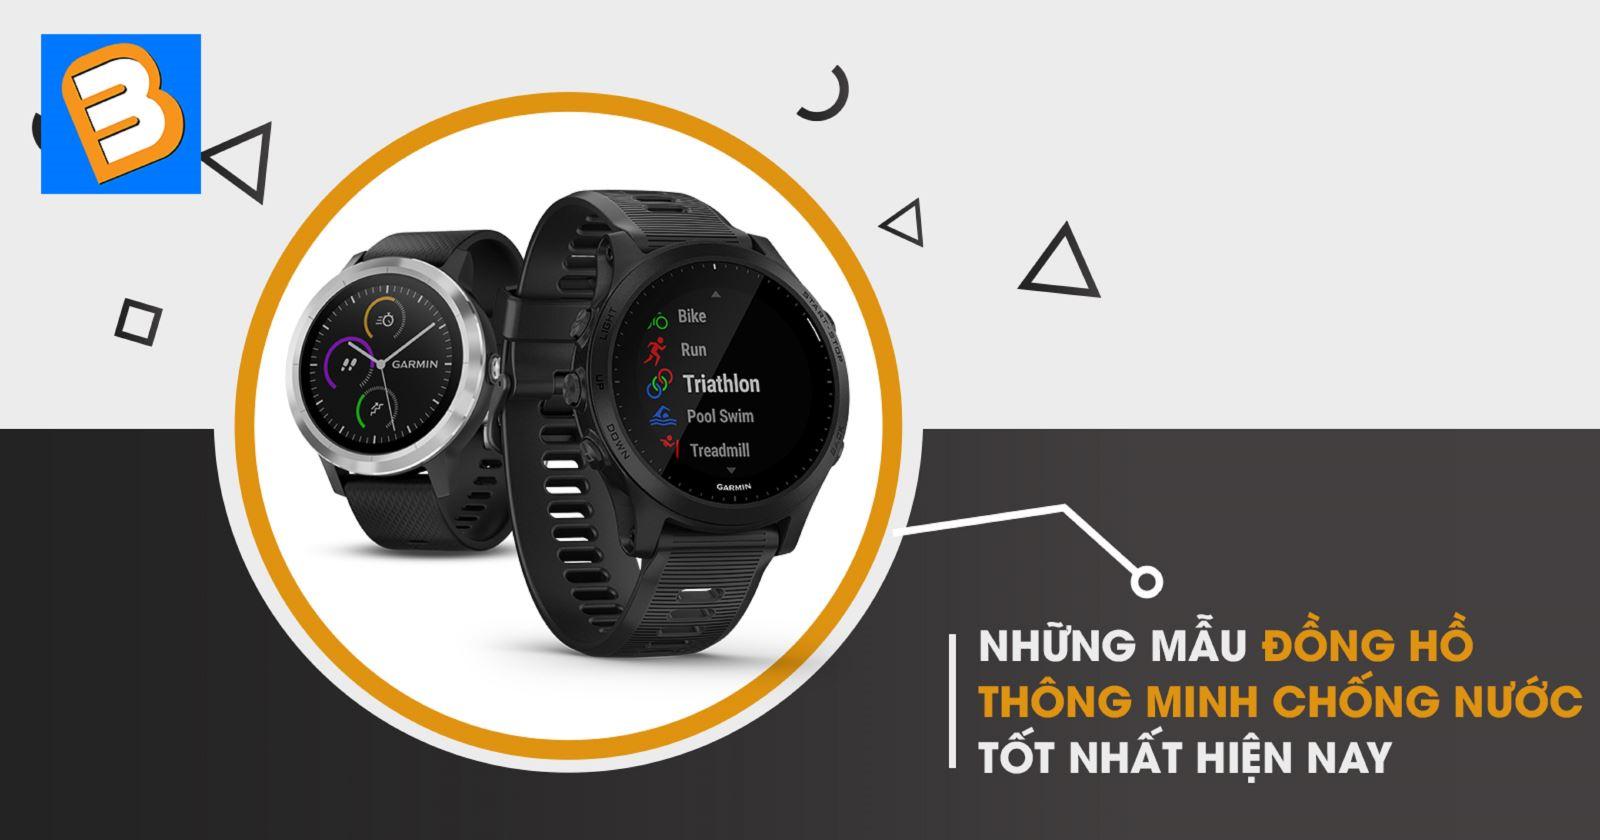 Những mẫu đồng hồ thông minh chống nước tốt nhất hiện nay